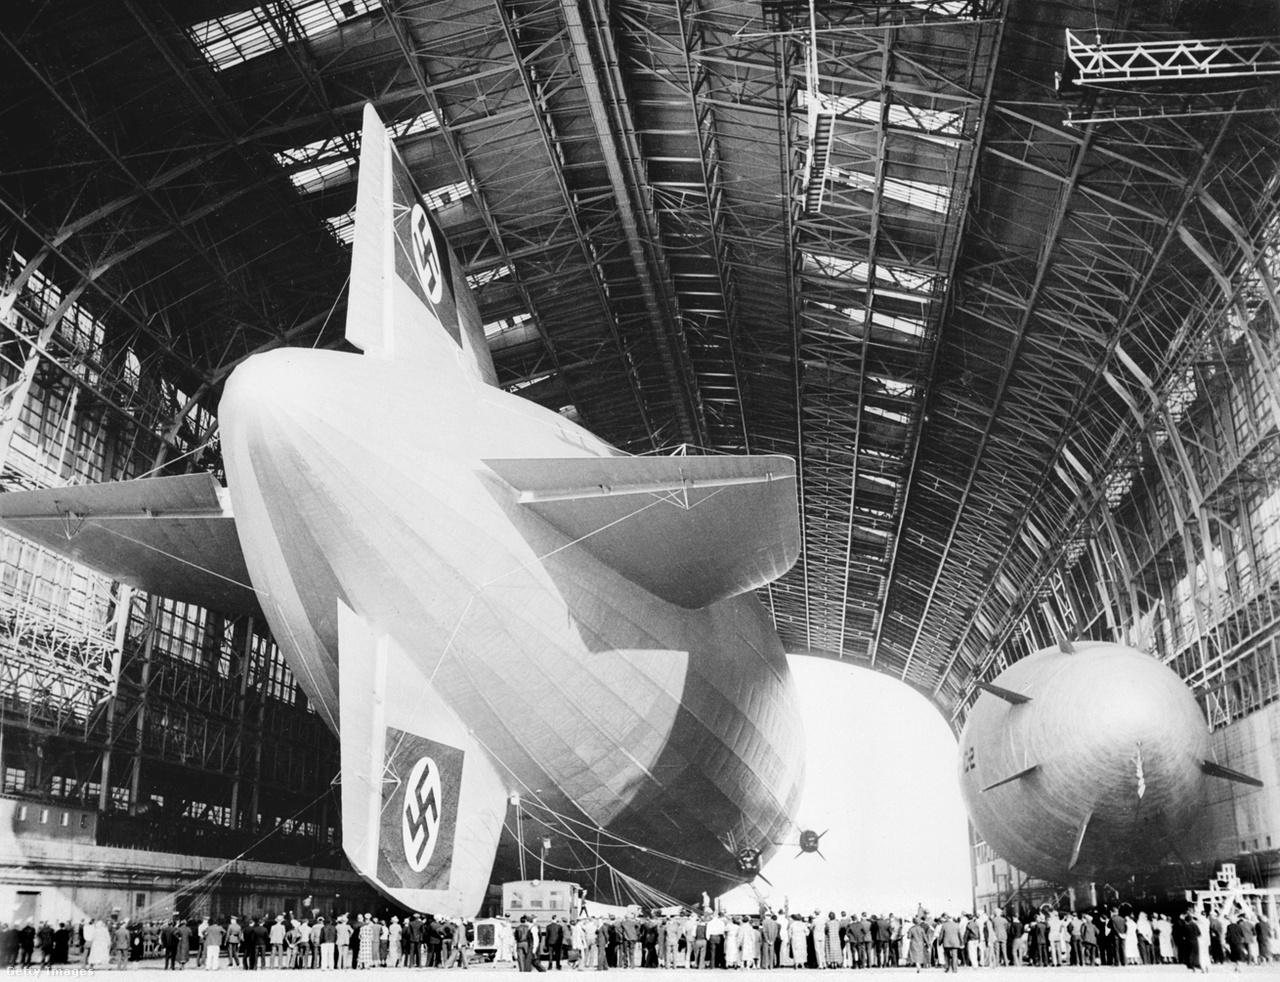 Kétségkívül impozáns látványt nyújtott a Hindenburg a hatalmas hangár acélszerkezetétől ölelve.